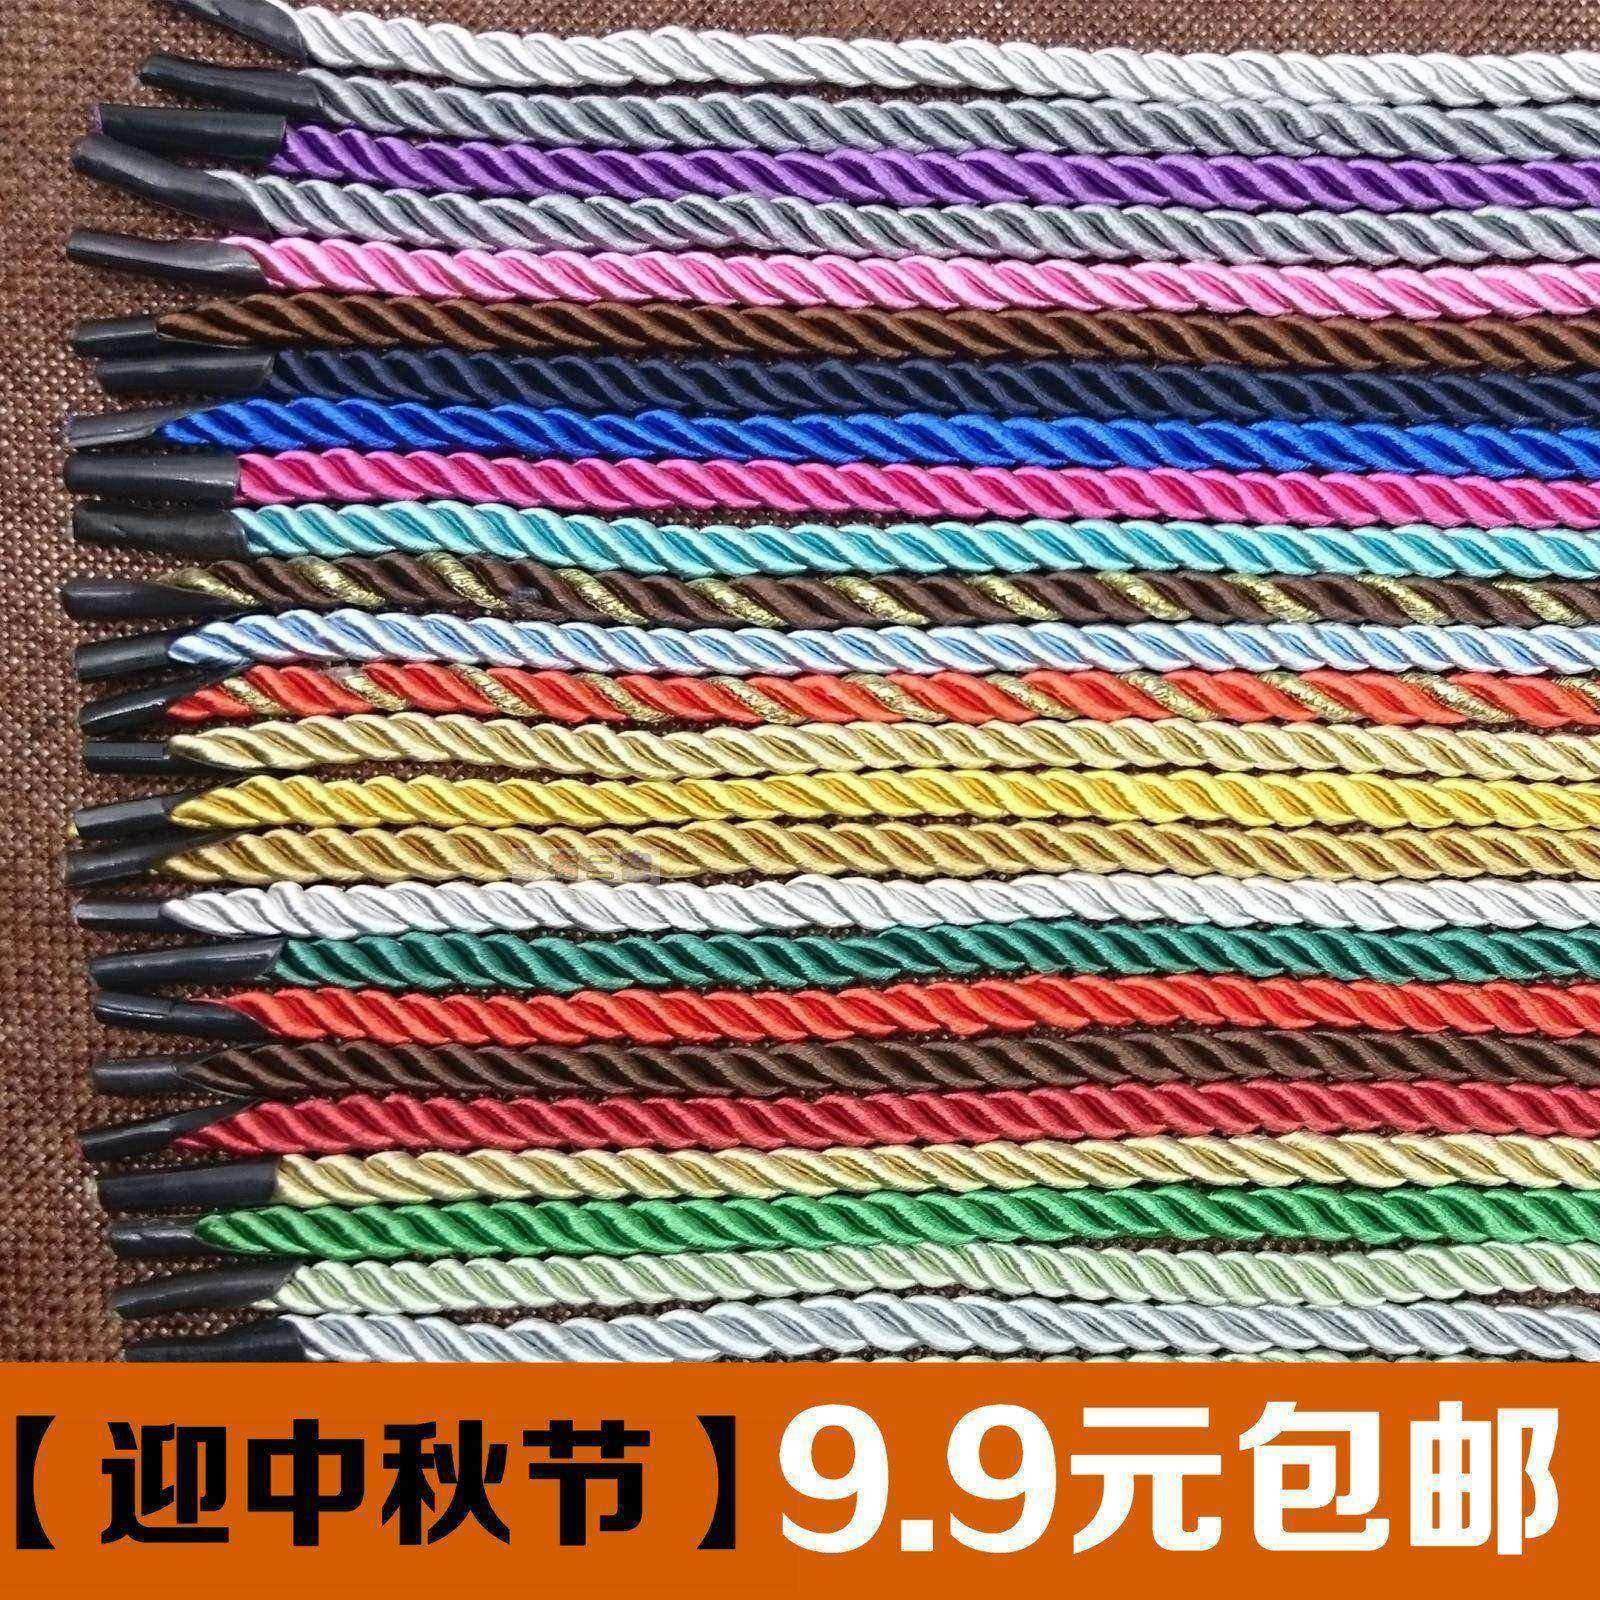 三股 手提 手提袋 绳子 礼品 包装袋